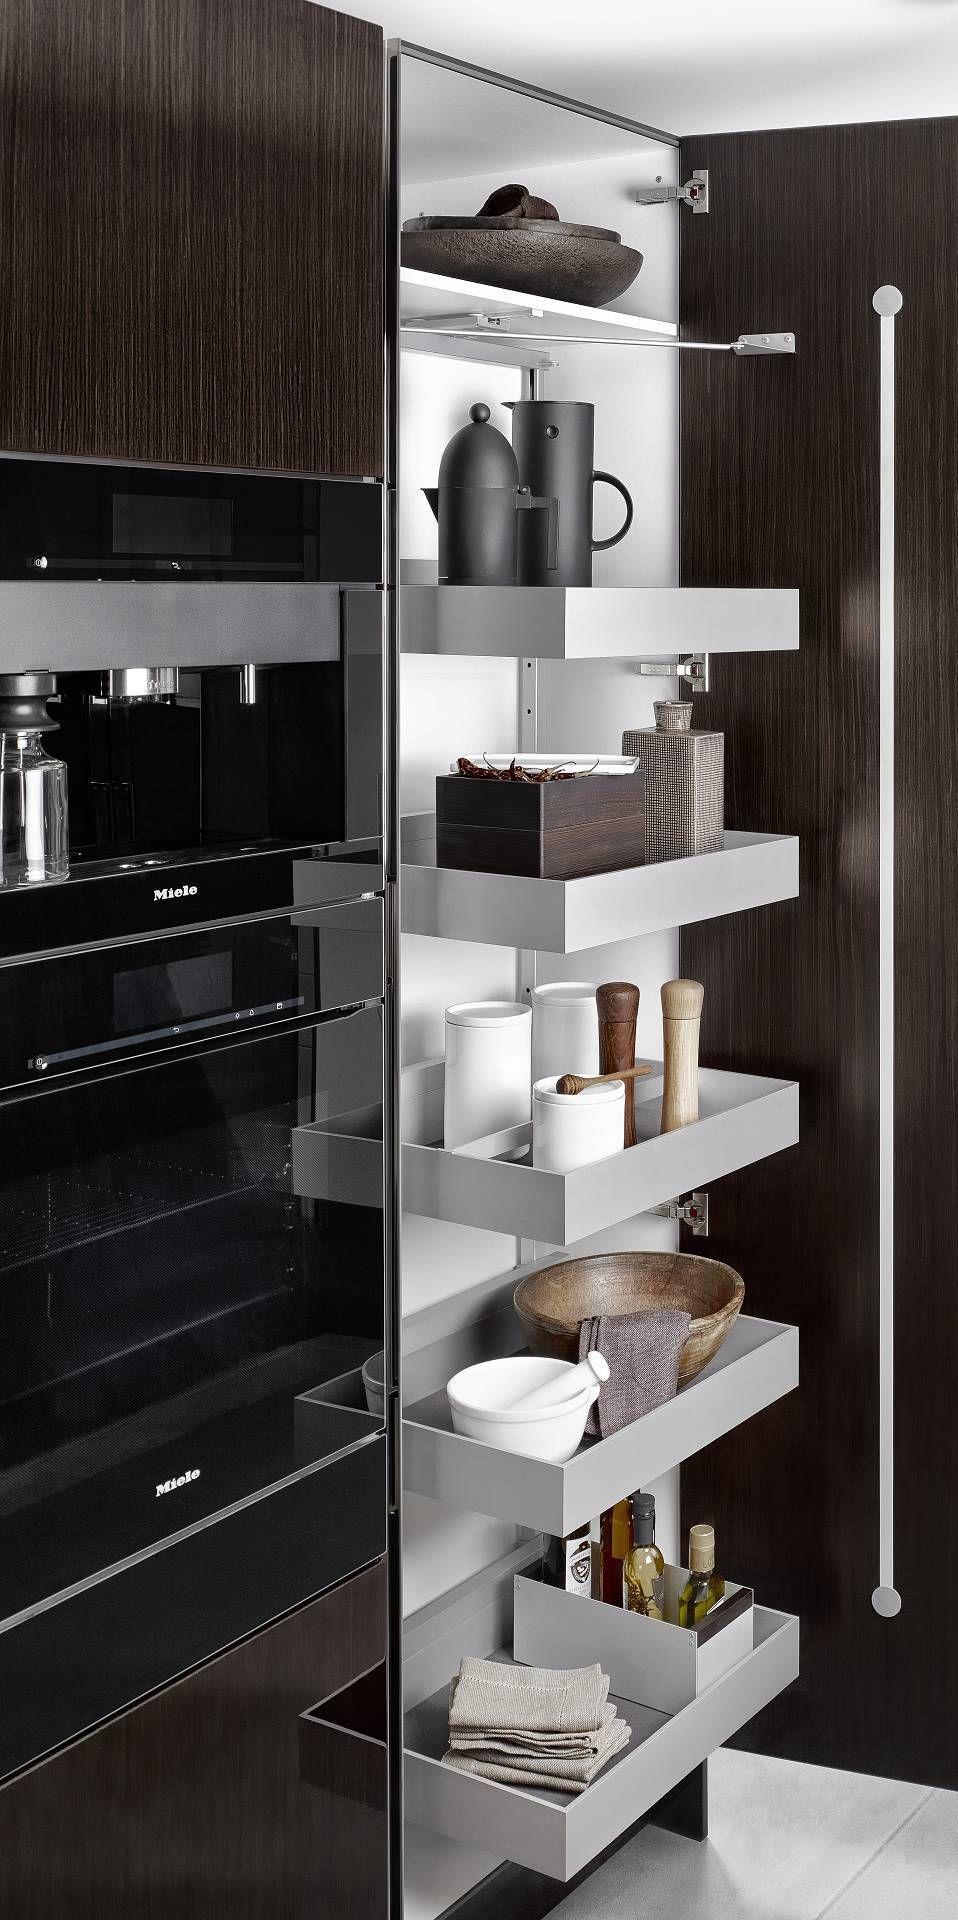 SieMatic MultiMatic Innenausstattung für Küchen | Küche in 2018 ...